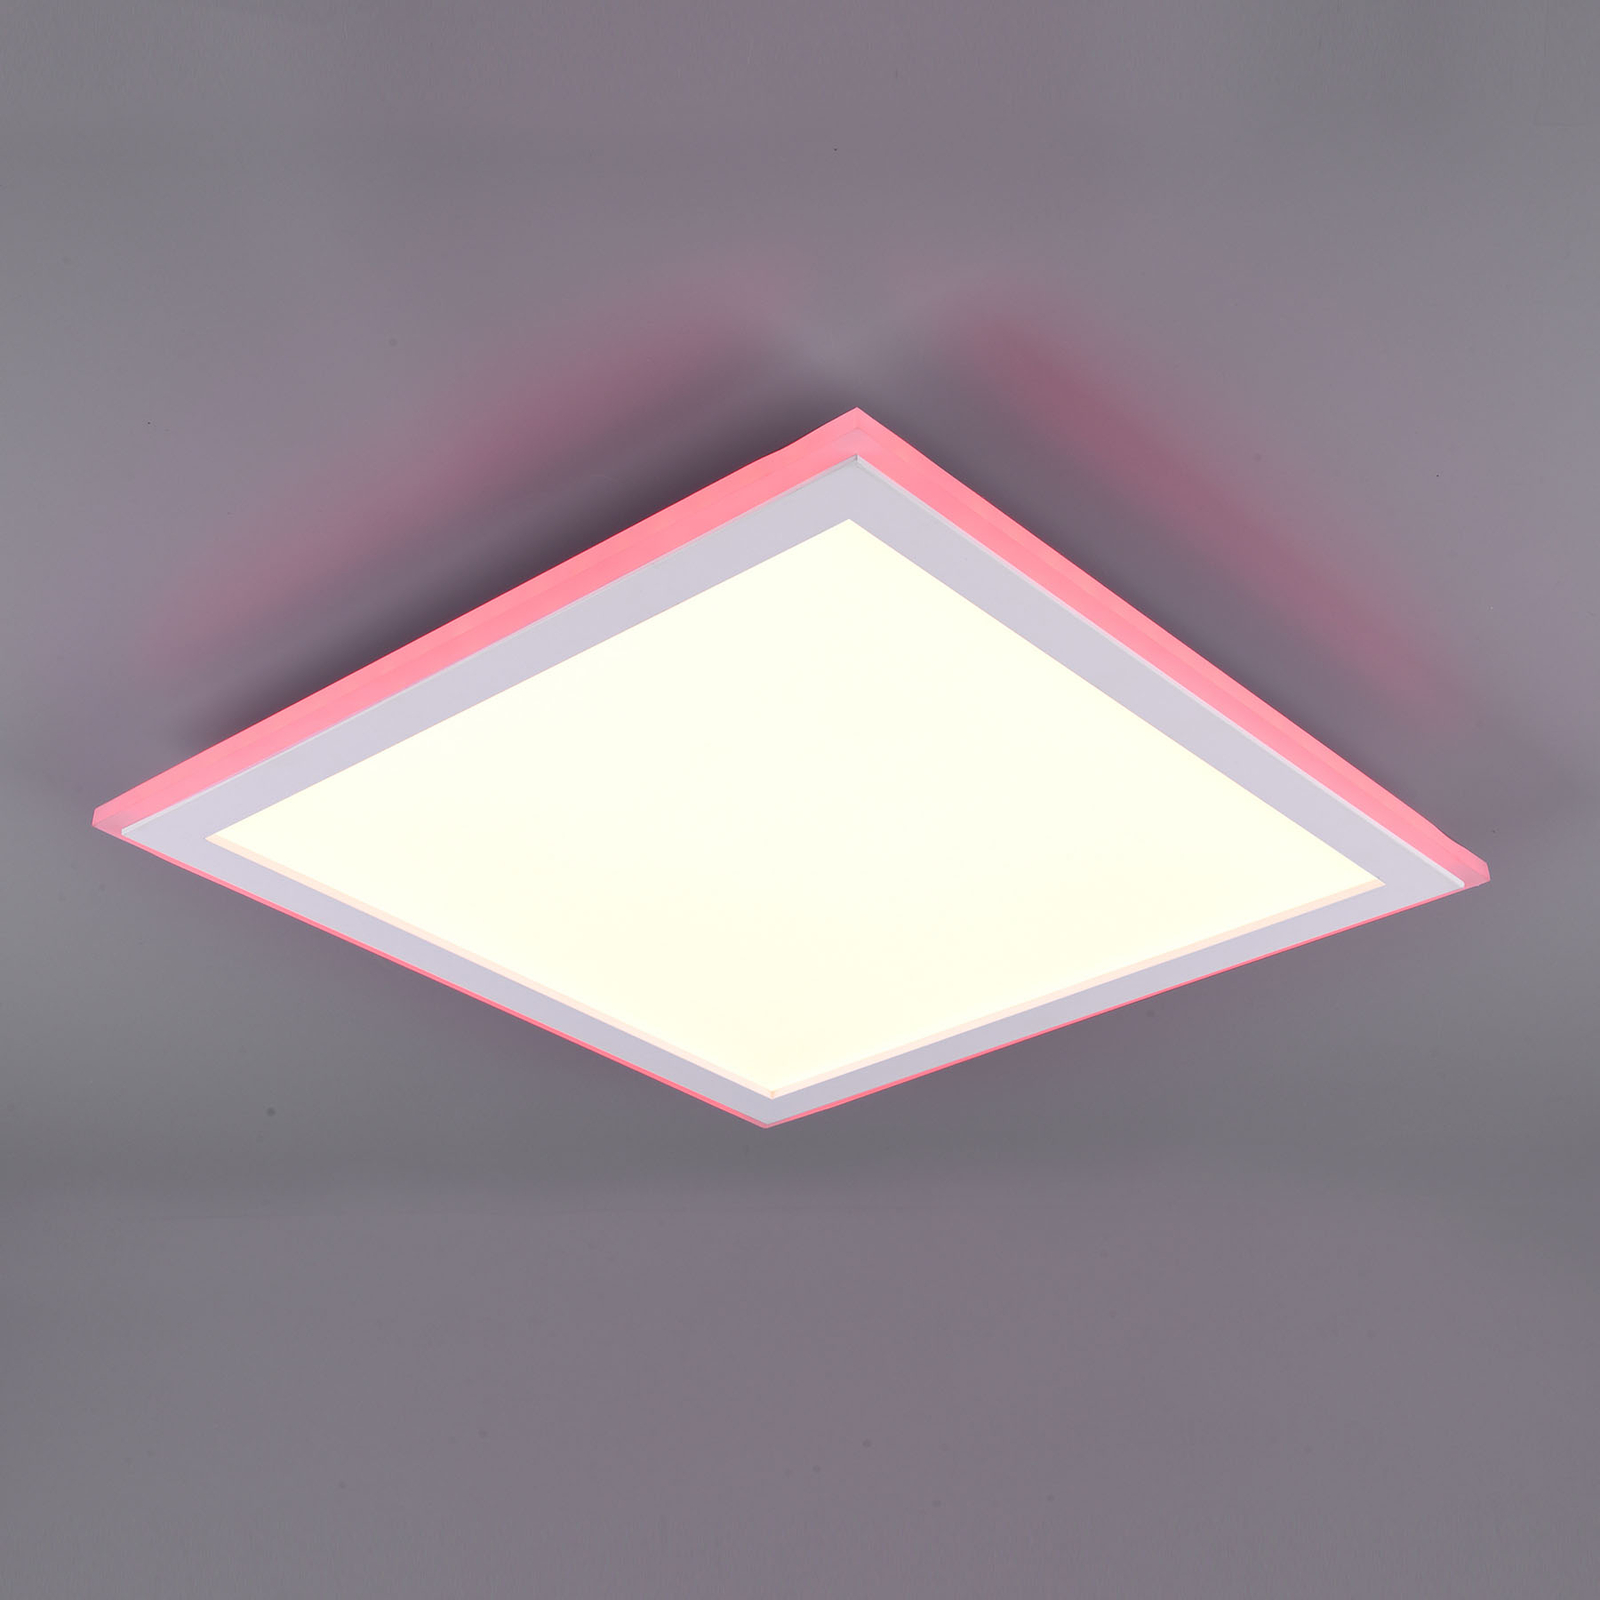 LED-paneeli Columbia RGBW, kaukosäädin, 45x45 cm